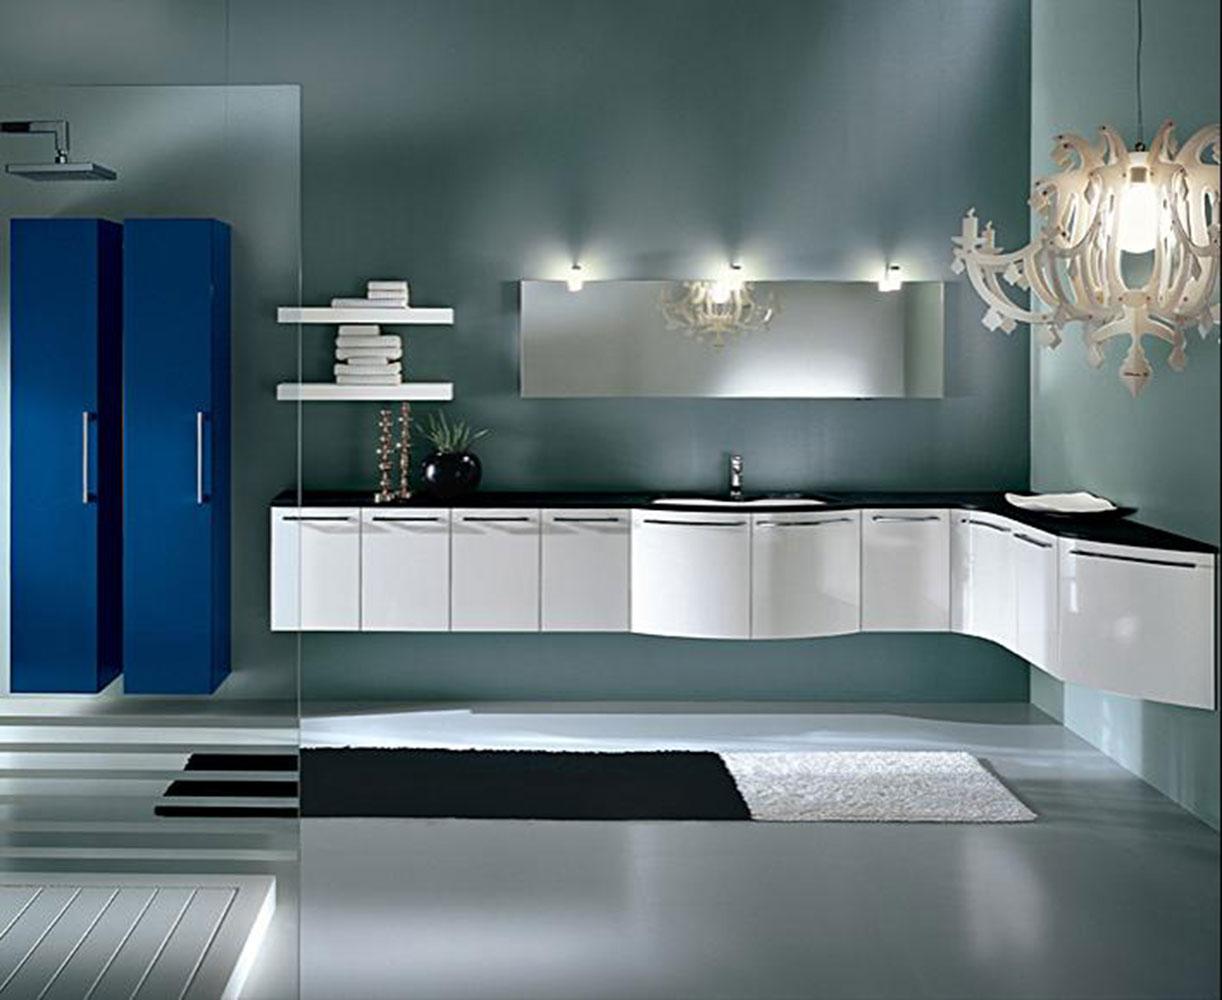 excoffier lyon decouvrez notre offre de salle de bain sur mesure. Black Bedroom Furniture Sets. Home Design Ideas